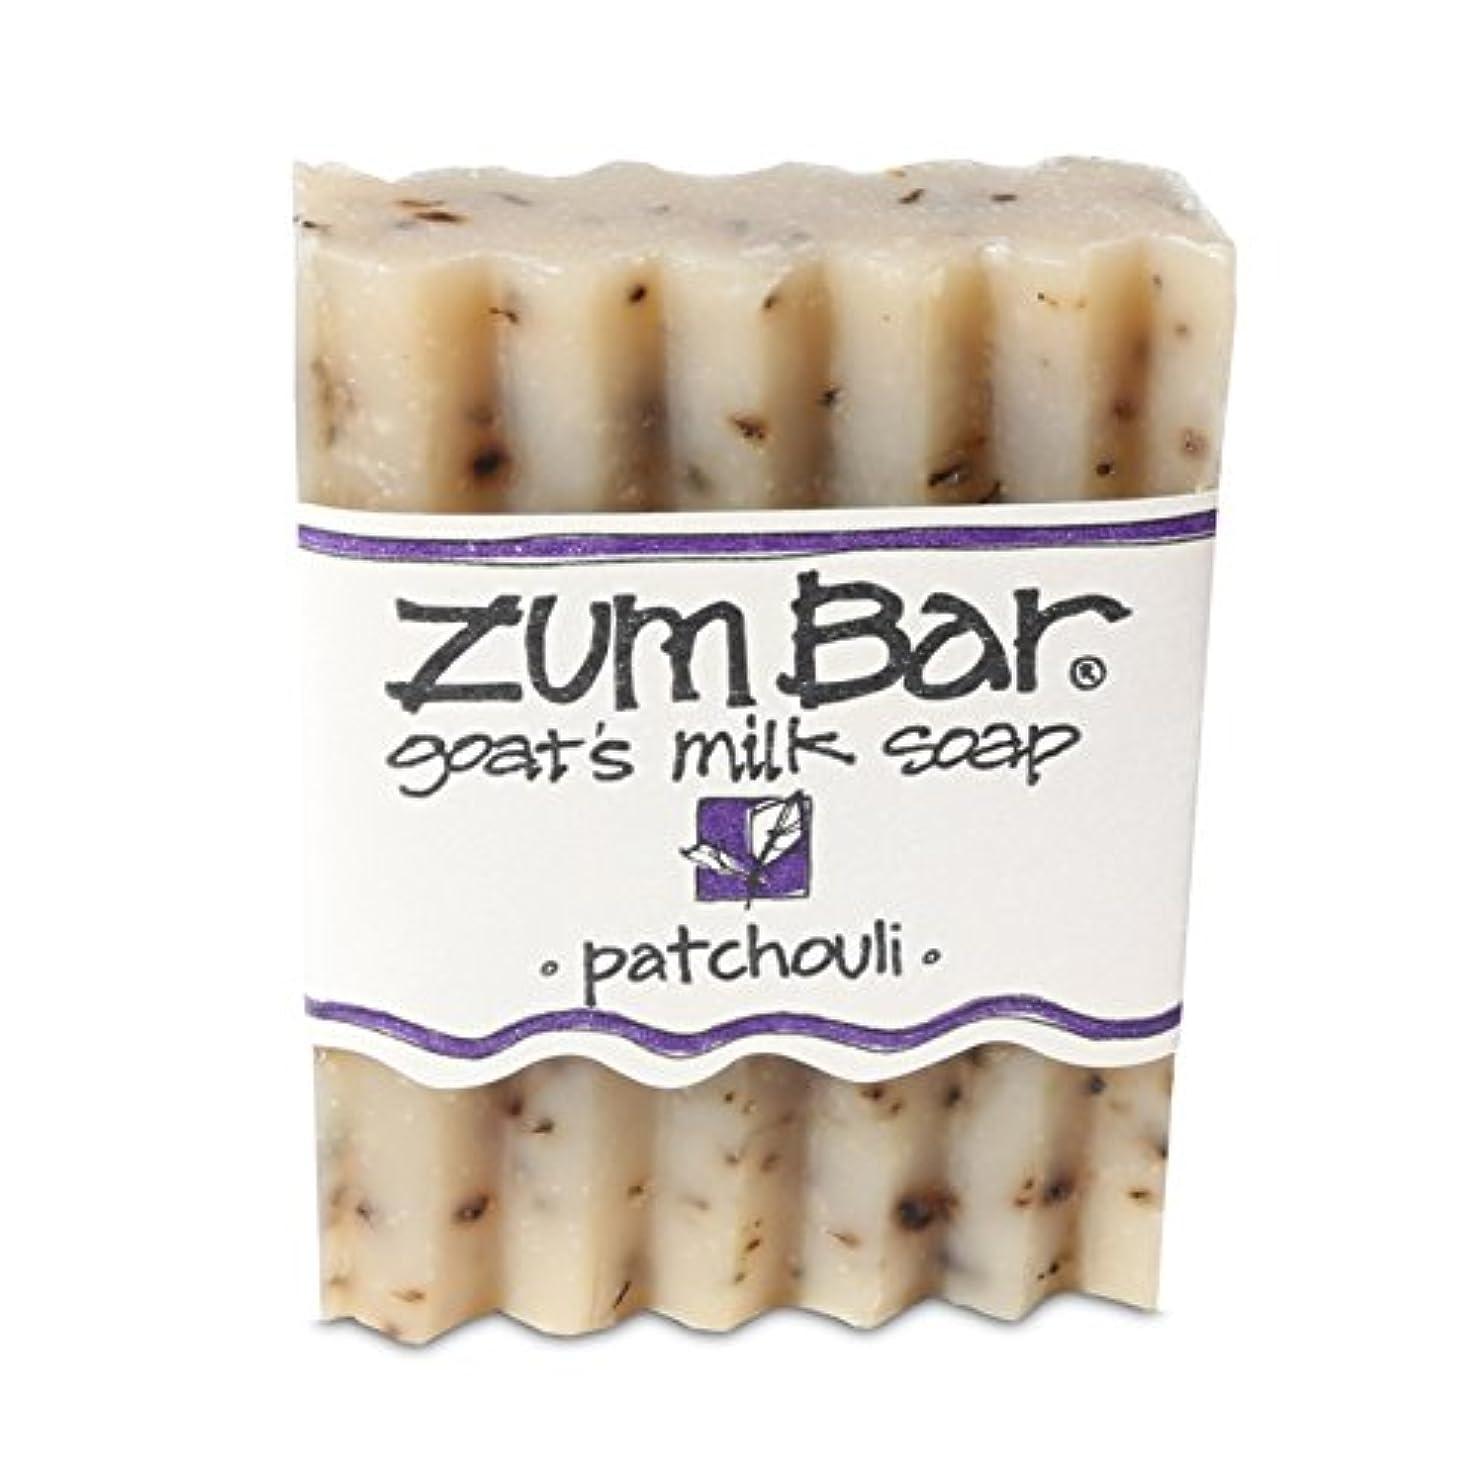 ファンネルウェブスパイダー華氏ドラッグ海外直送品 Indigo Wild, Zum Bar, Goat's ミルク ソープ パチョリ, 3 Ounces (2個セット) (Patchouli) [並行輸入品]